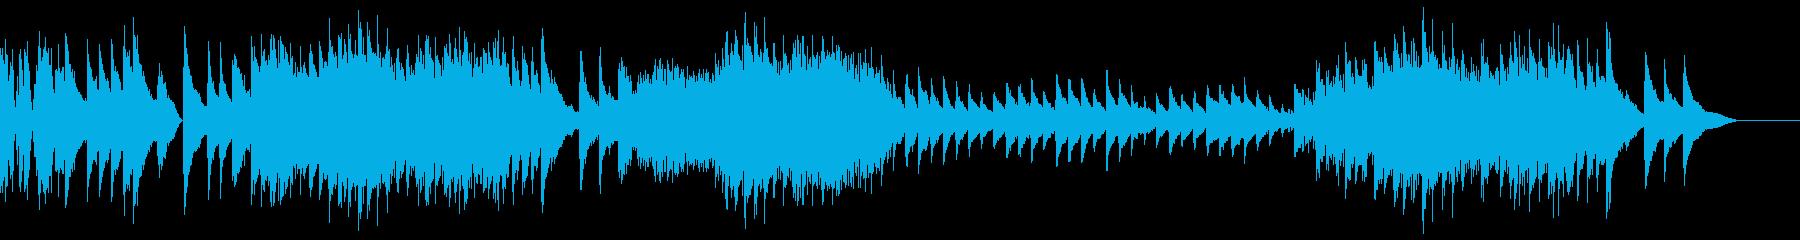 クラシック曲風の激しいピアノの再生済みの波形